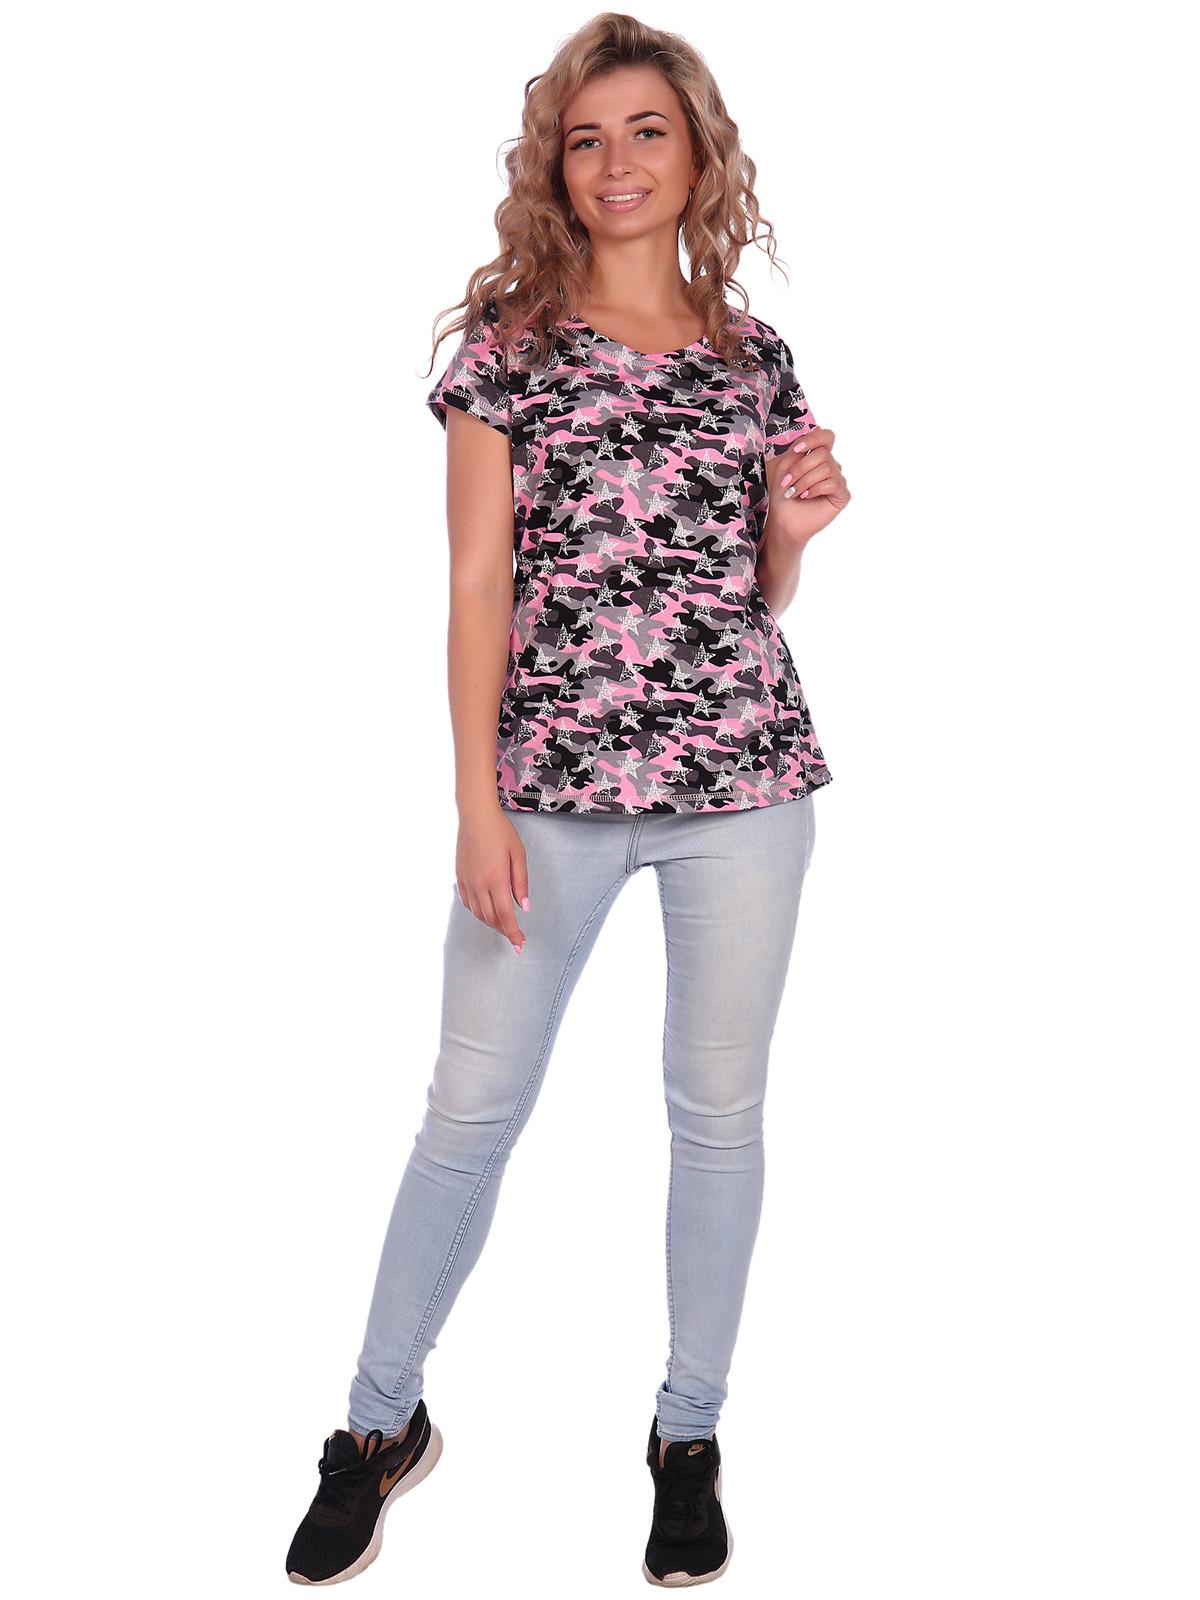 Жен. футболка арт. 16-0578 Розовый р. 46 фото